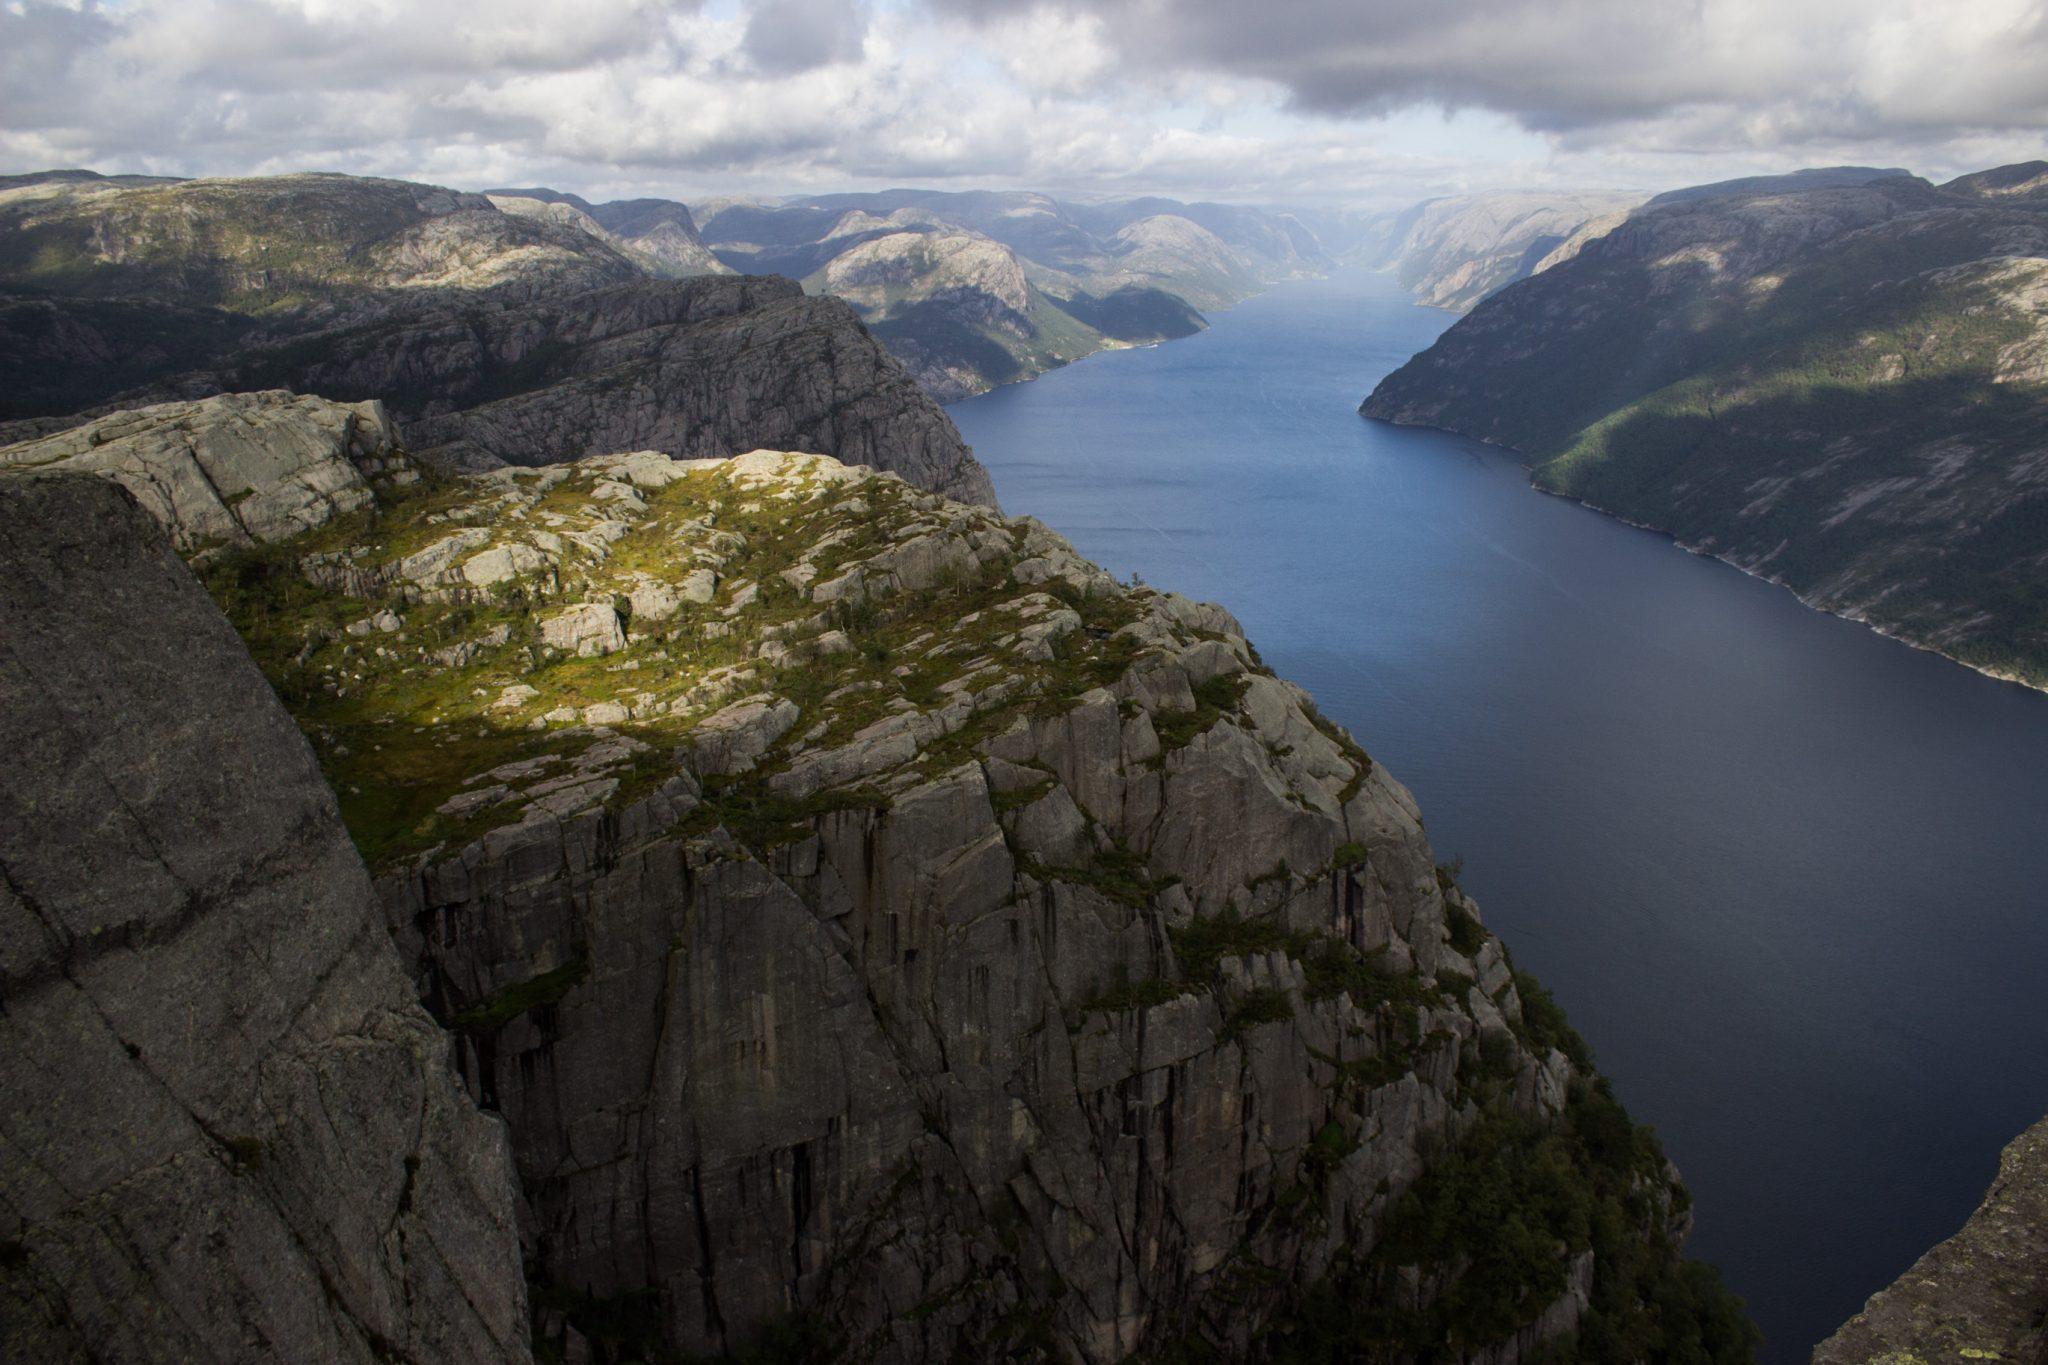 Wanderung zum Pulpit Rock Preikestolen, berühmtester Felsen in Norwegen, weiter Blick auf Lysefjord und riesige steile Felswände, traumhafte Landschaft